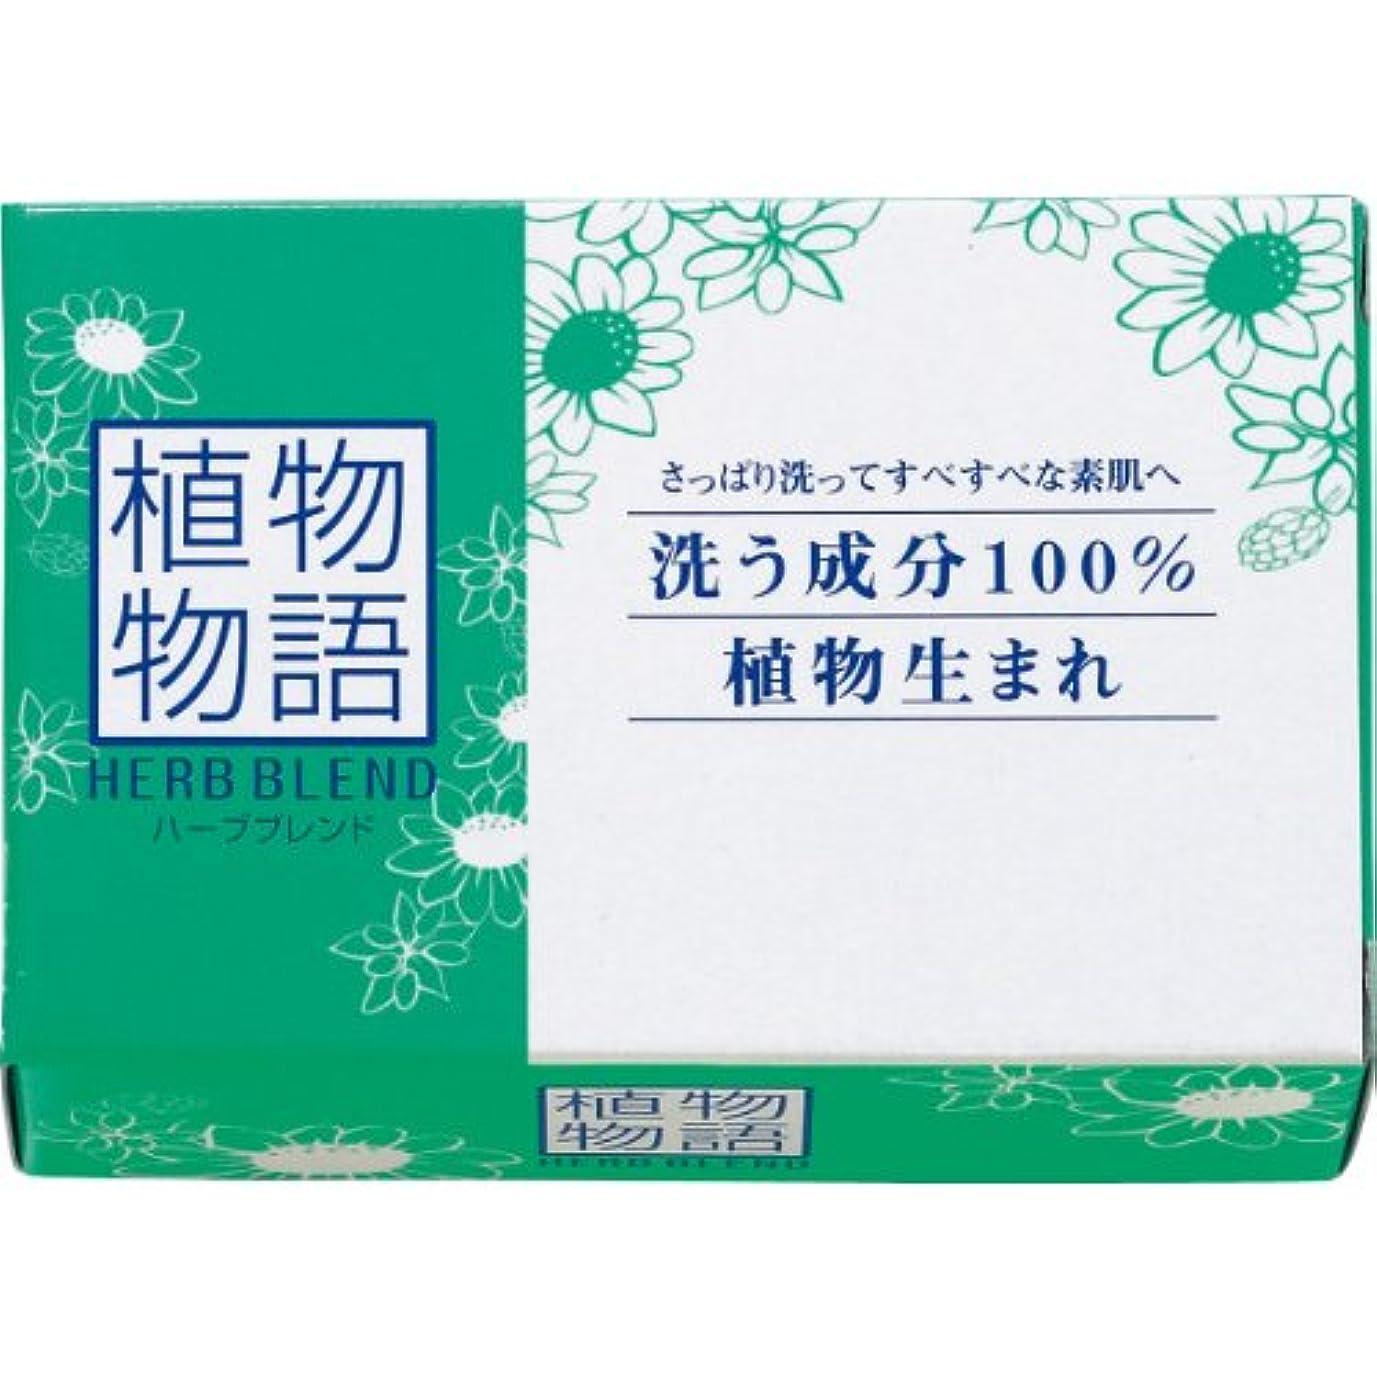 経済的友だちアラバマ【ライオン】植物物語ハーブブレンド 化粧石鹸 80g